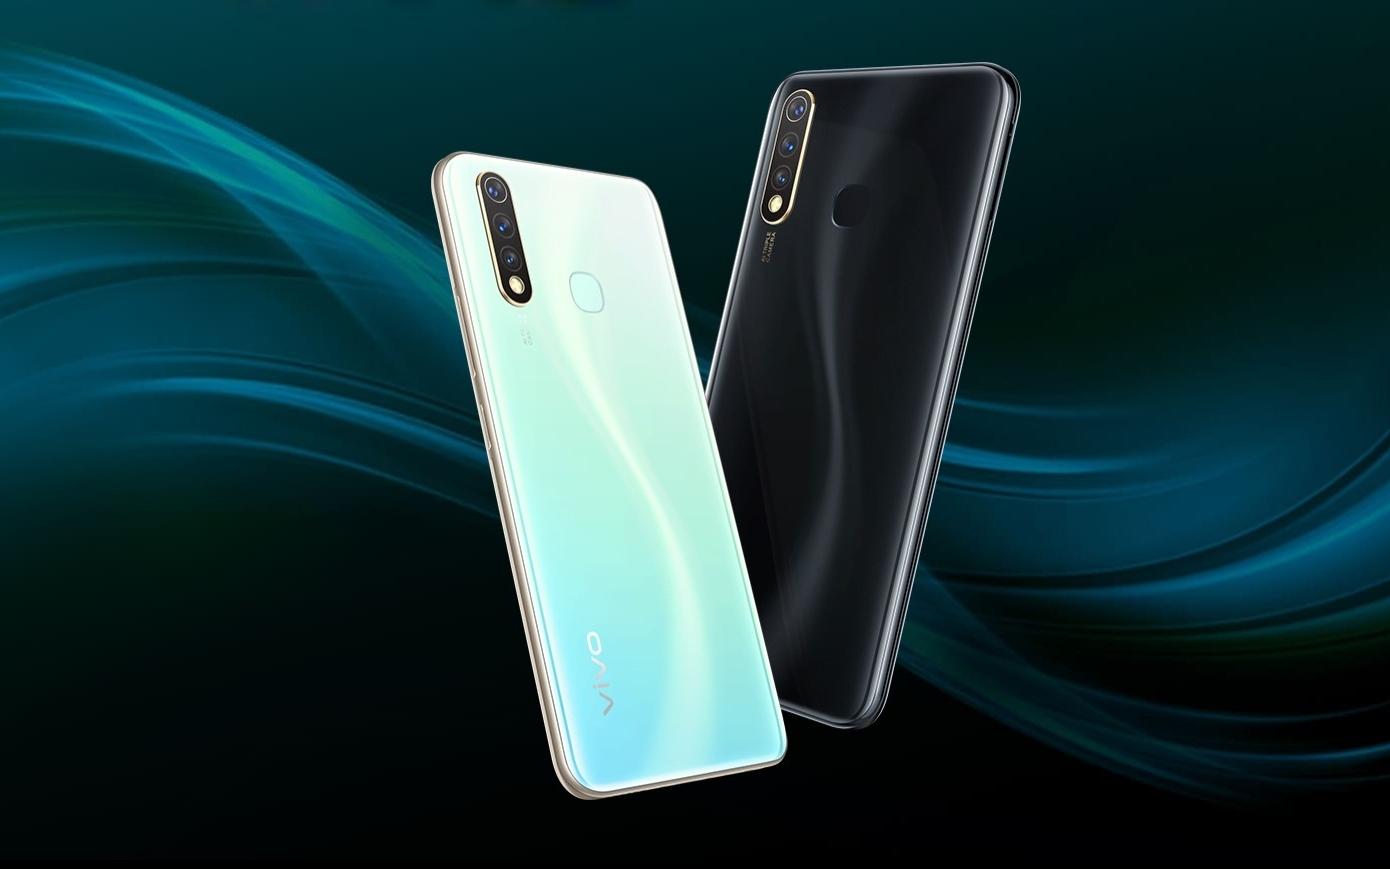 Vivo Y19 now on sale in Kenya for KES. 27,000